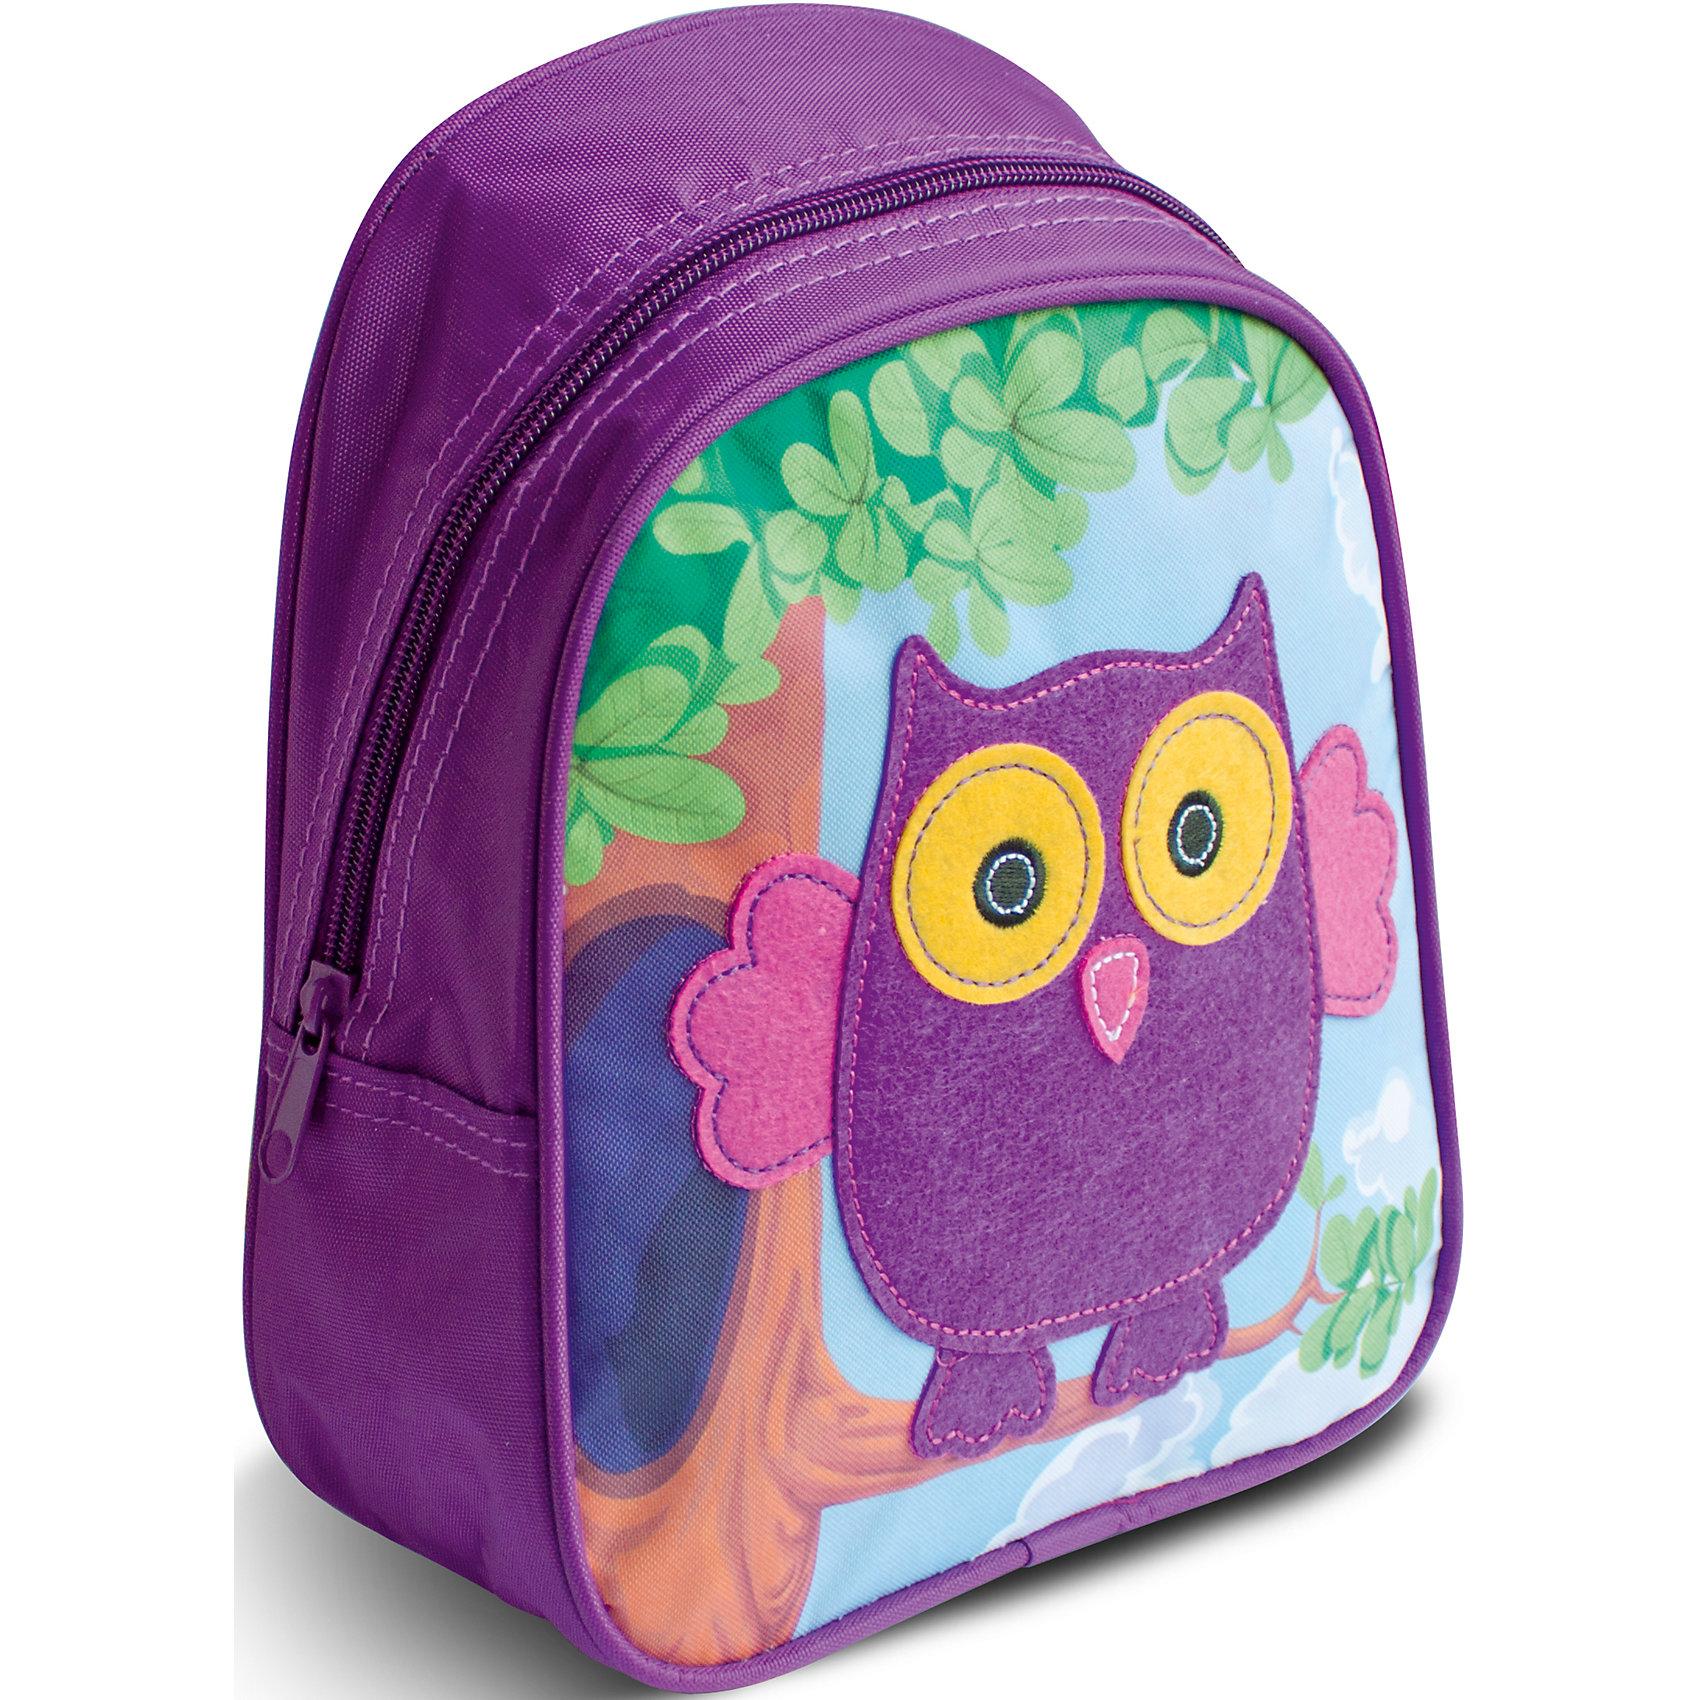 Дошкольный рюкзак СоваОчаровательный рюкзачок «Сова» от компании «РОСМЭН» – это невероятно привлекательный аксессуар для вашего малыша. В его внутреннем отделении на молнии легко поместятся не только игрушки, но даже тетрадка или книжка. Благодаря регулируемым лямкам, рюкзачок подходит детям любого роста. Удобная ручка помогает носить аксессуар в руке или размещать на вешалке. Изделие изготовлено из износостойкой, водонепроницаемой ткани, поэтому оно будет служить долгое время, сохраняя положенные в него вещи сухими даже в дождливую погоду. Рюкзачок декорирован аппликацией из фетра в виде милой совушки, вышивкой и цветным принтом (сублимированной печатью). Размер: 23х19х8 см.<br><br>Ширина мм: 250<br>Глубина мм: 210<br>Высота мм: 25<br>Вес г: 163<br>Возраст от месяцев: 36<br>Возраст до месяцев: 72<br>Пол: Унисекс<br>Возраст: Детский<br>SKU: 4635134